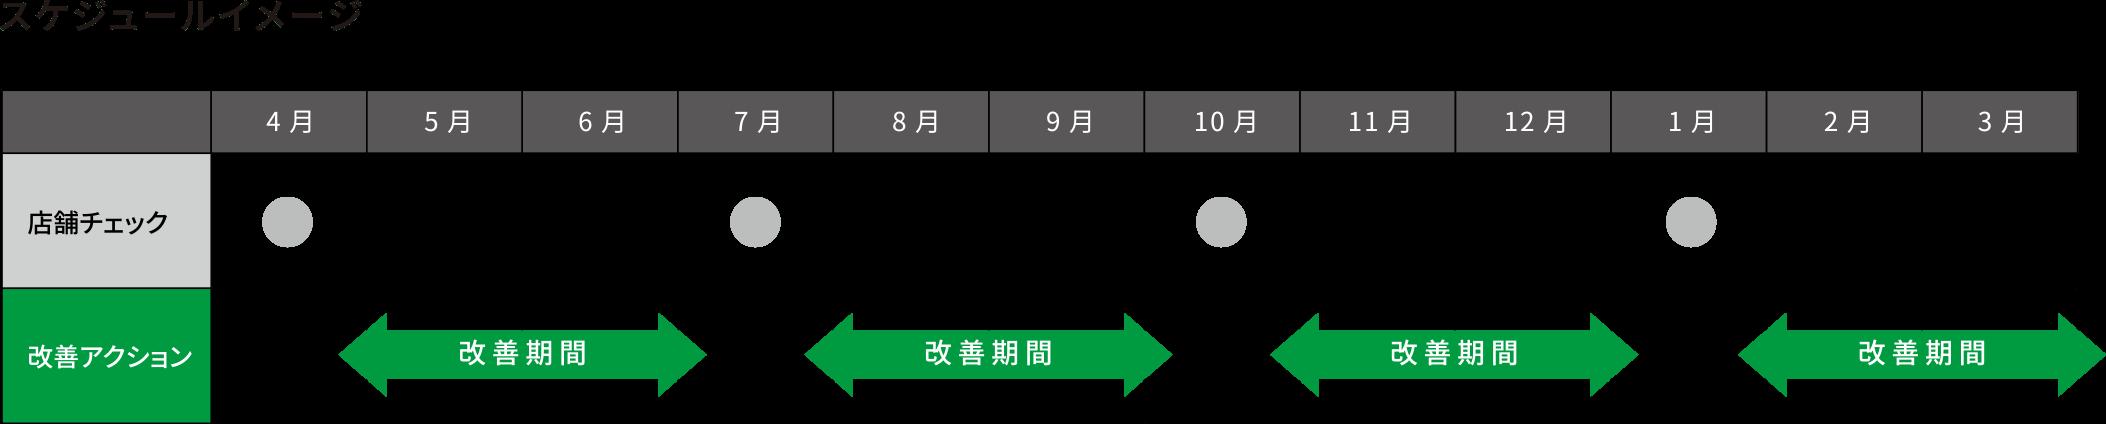 スケジュールイメージ